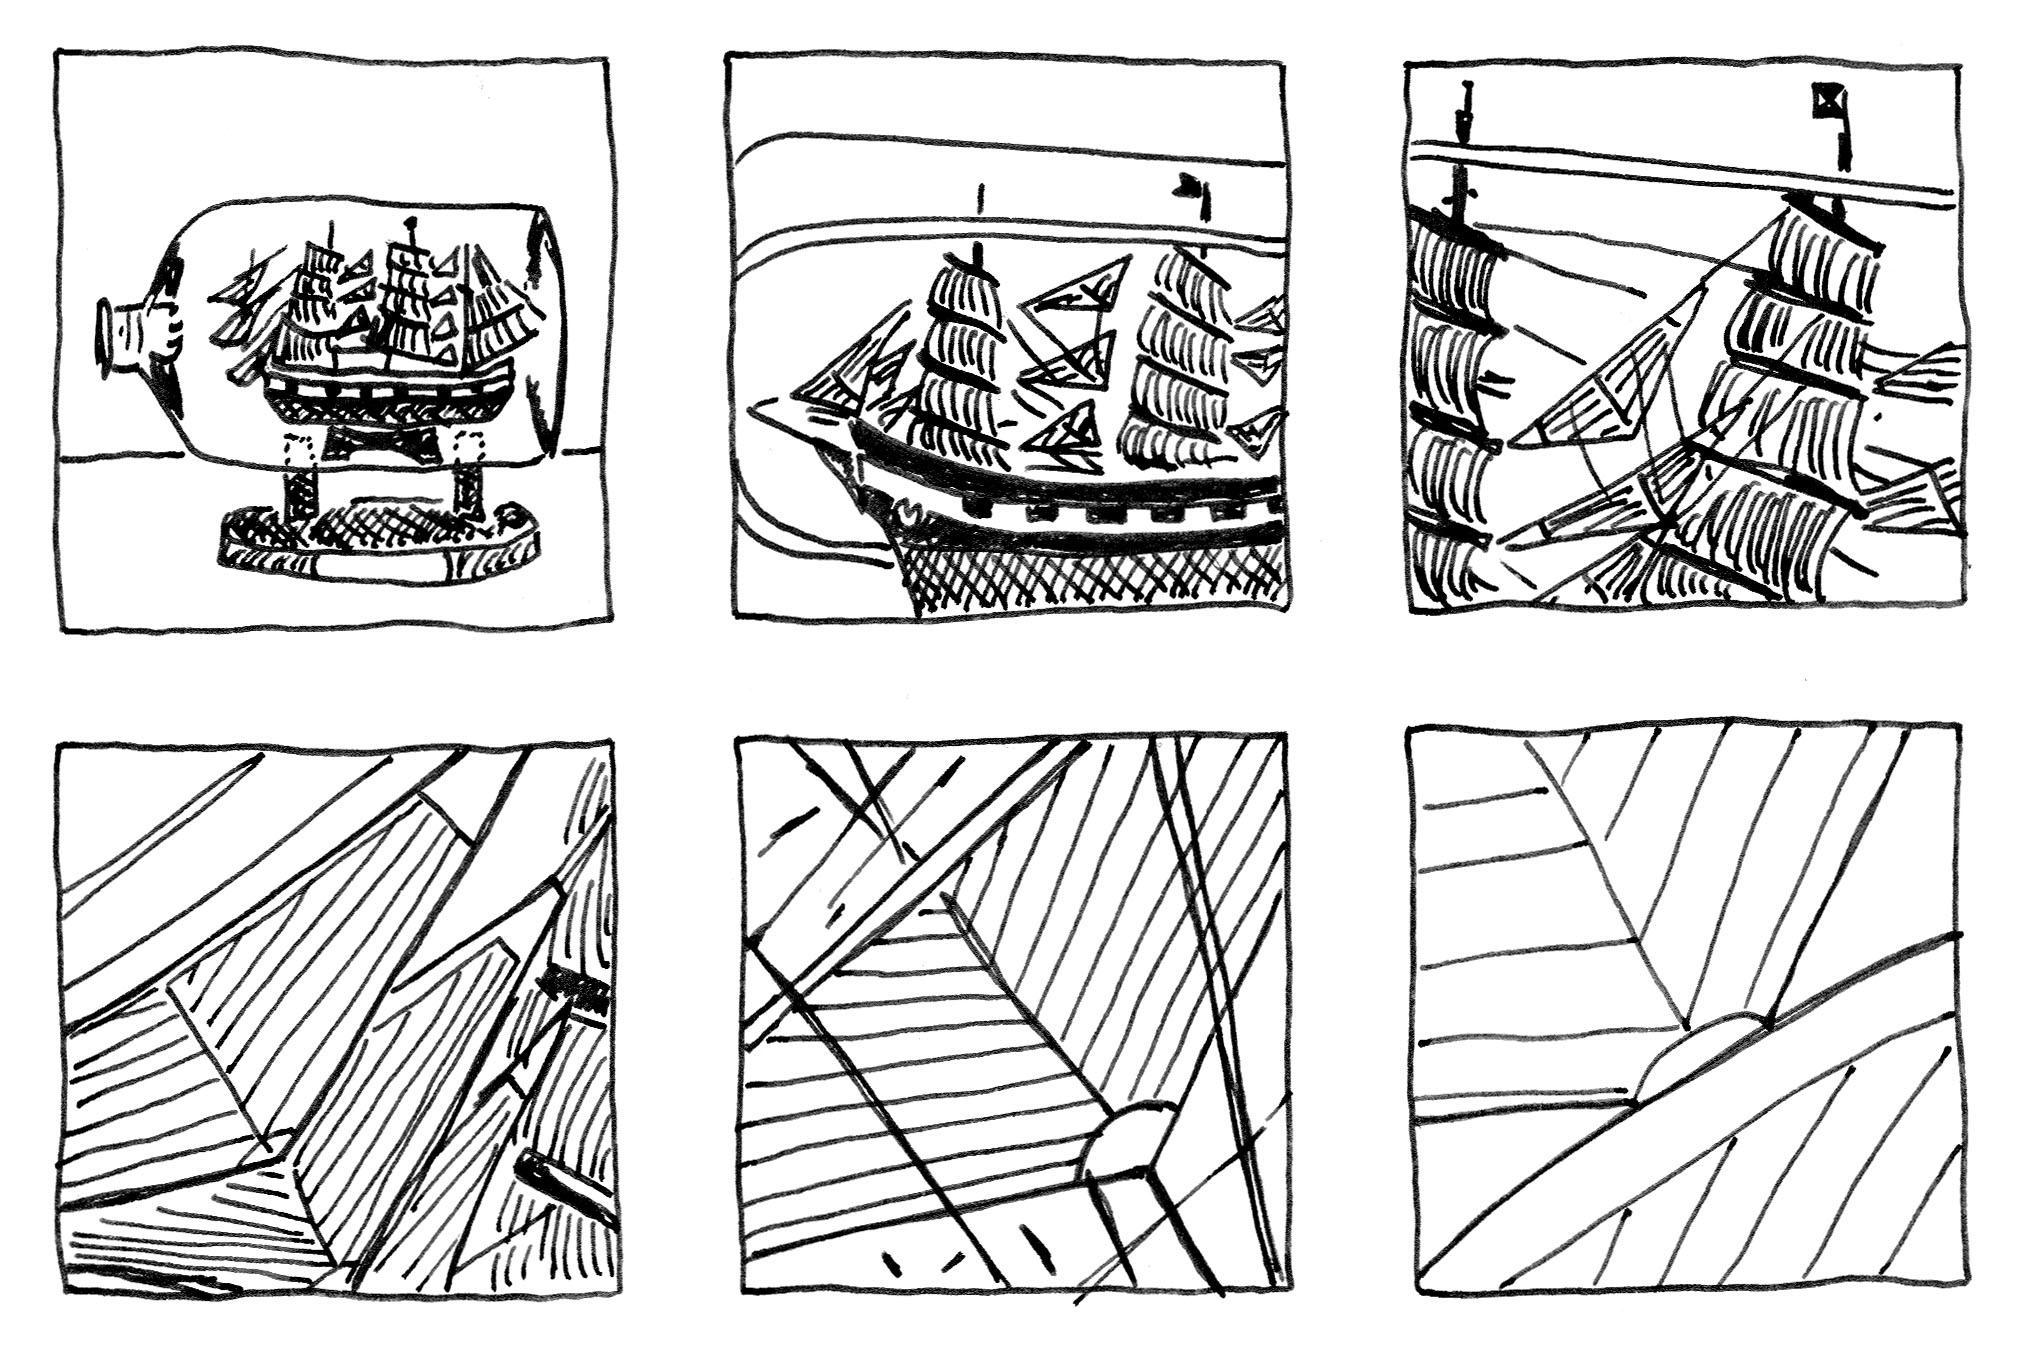 Finelinerzeichnung in 6 Paneln. Im ersten ist ein Schiff in einer Flasche zu sehen. Dann wird immer mehr herangezoomt. Im letzten Panel sind nur Ausschnitte der Segel zu sehen